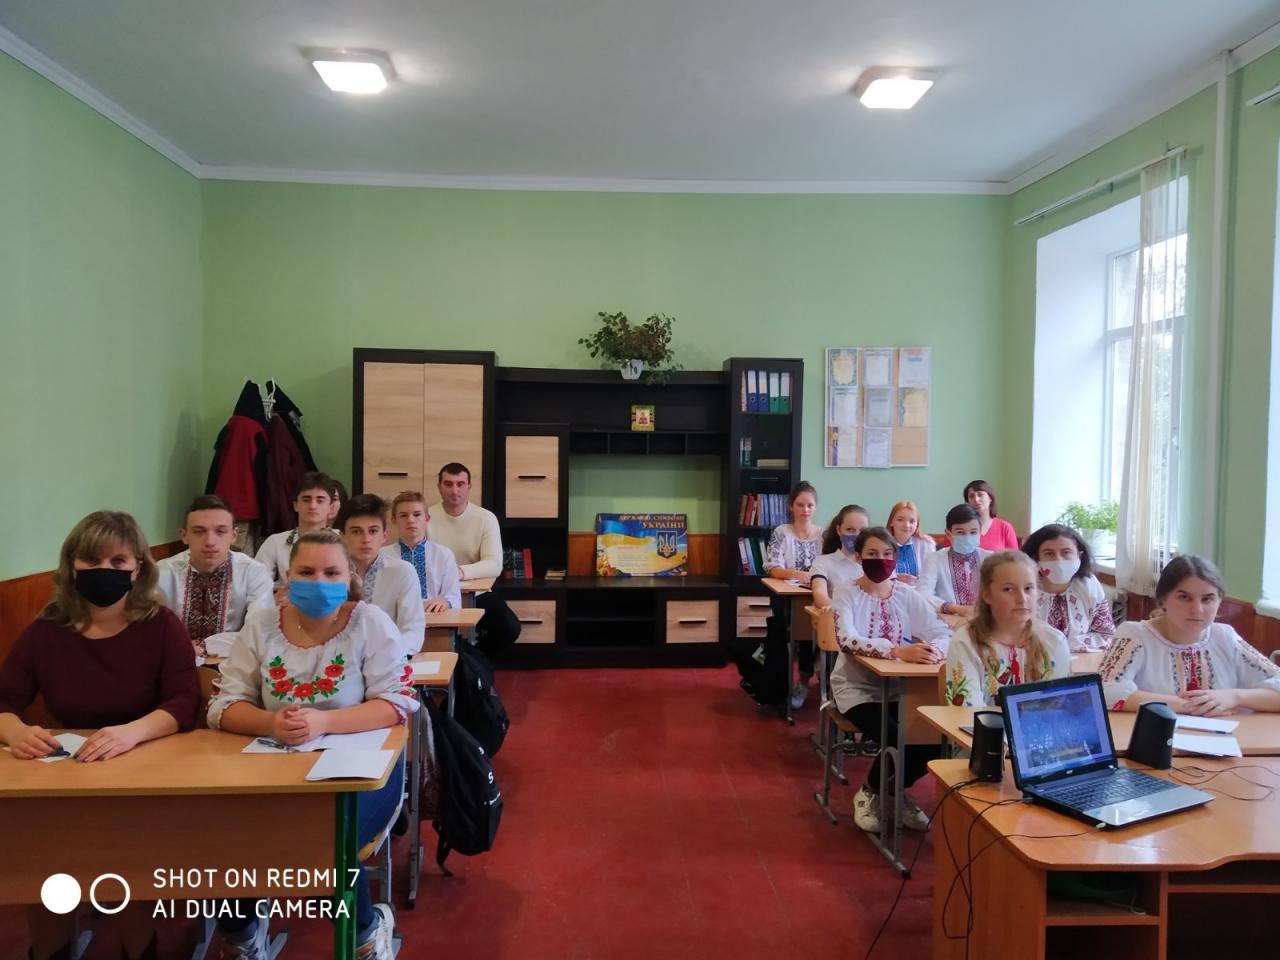 http://dunrada.gov.ua/uploadfile/archive_news/2020/11/09/2020-11-09_7266/images/images-67473.jpg